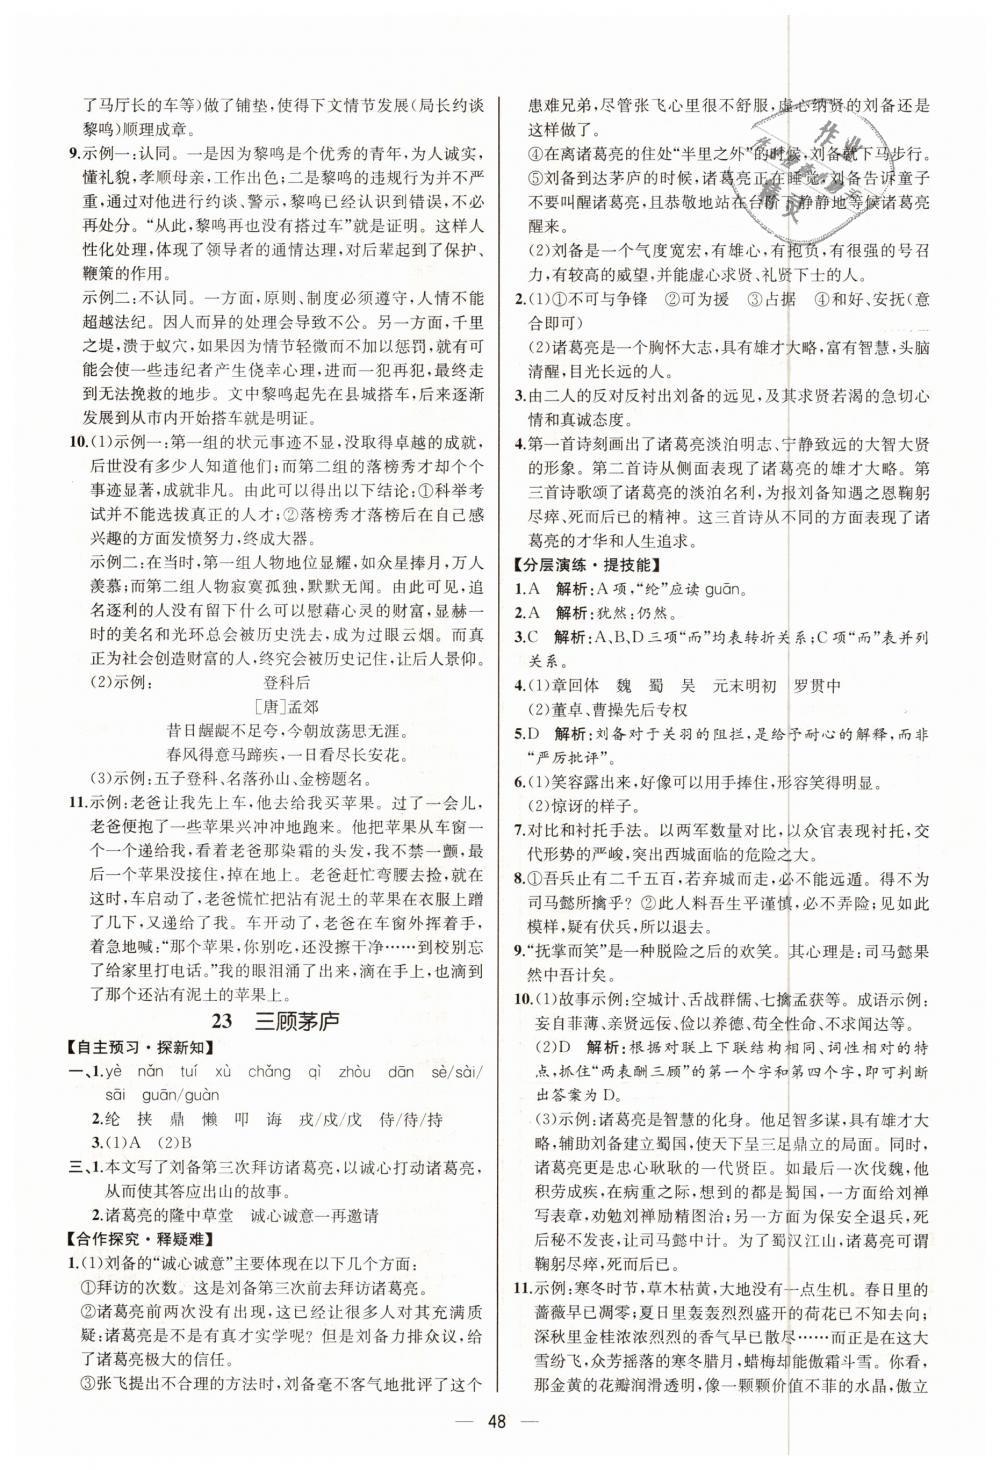 2018年同步学历案课时练九年级语文上册人教版河北专版第16页